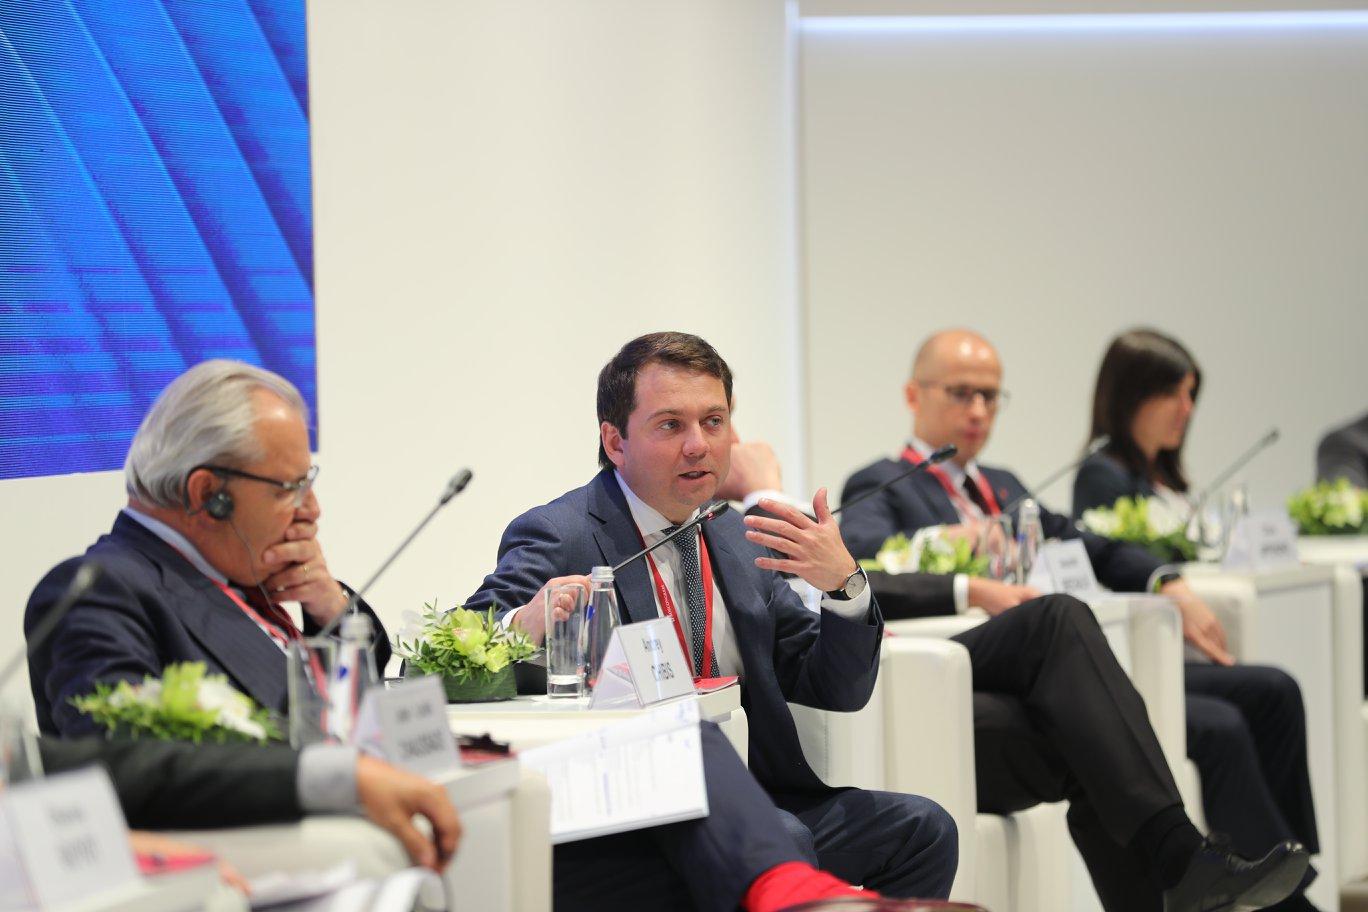 Возможности развития «умных городов» в России обсудили на полях Петербургского <br>международного экономического форума